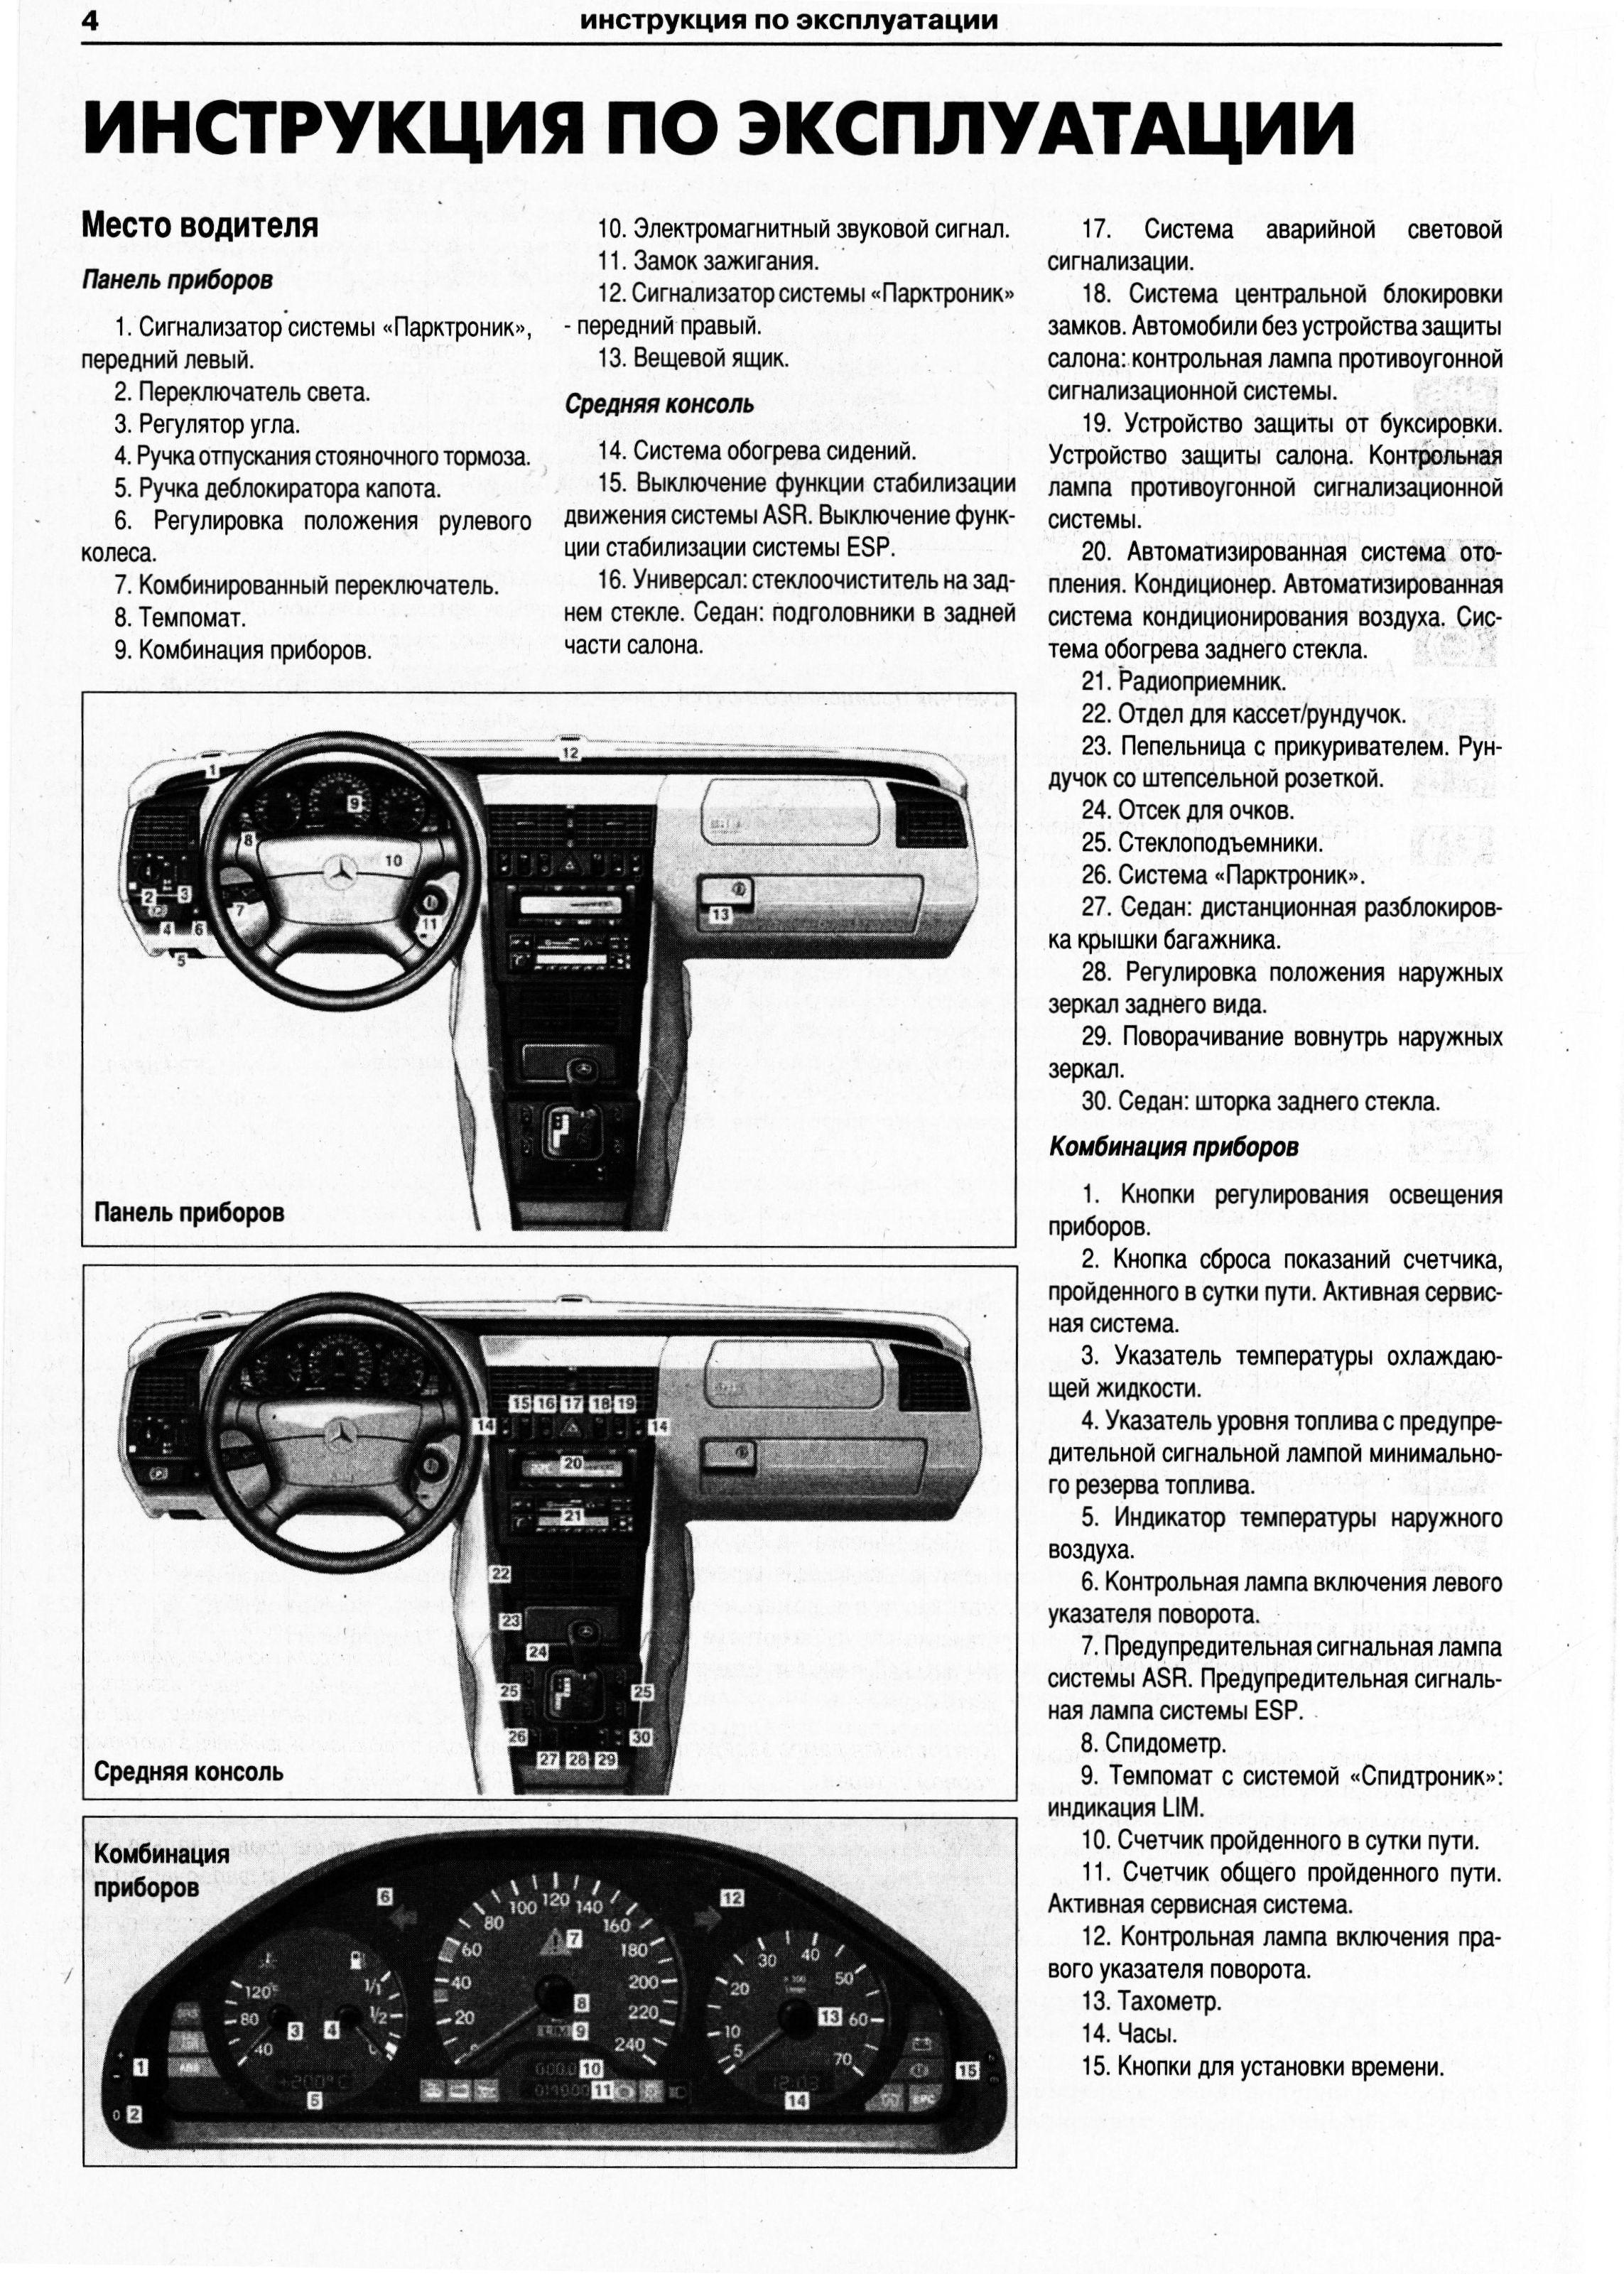 Инструкция по эксплуатации w202